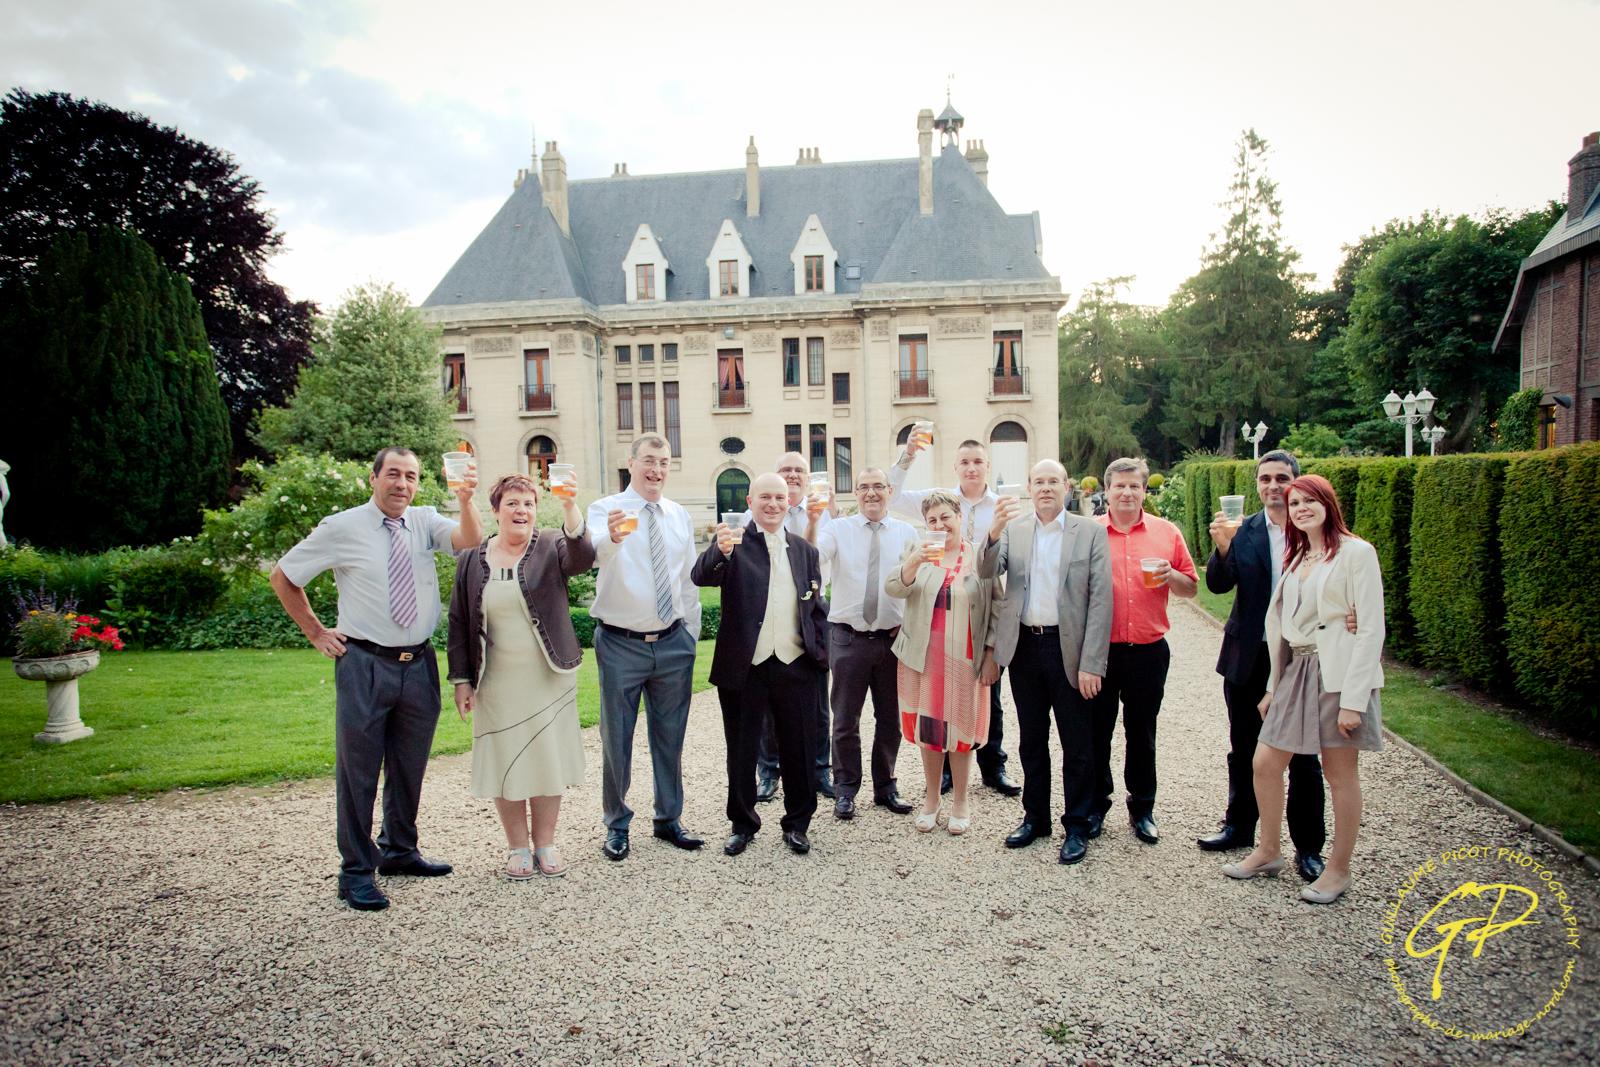 mariage chateau d'hendecourt les cagnicourt--9